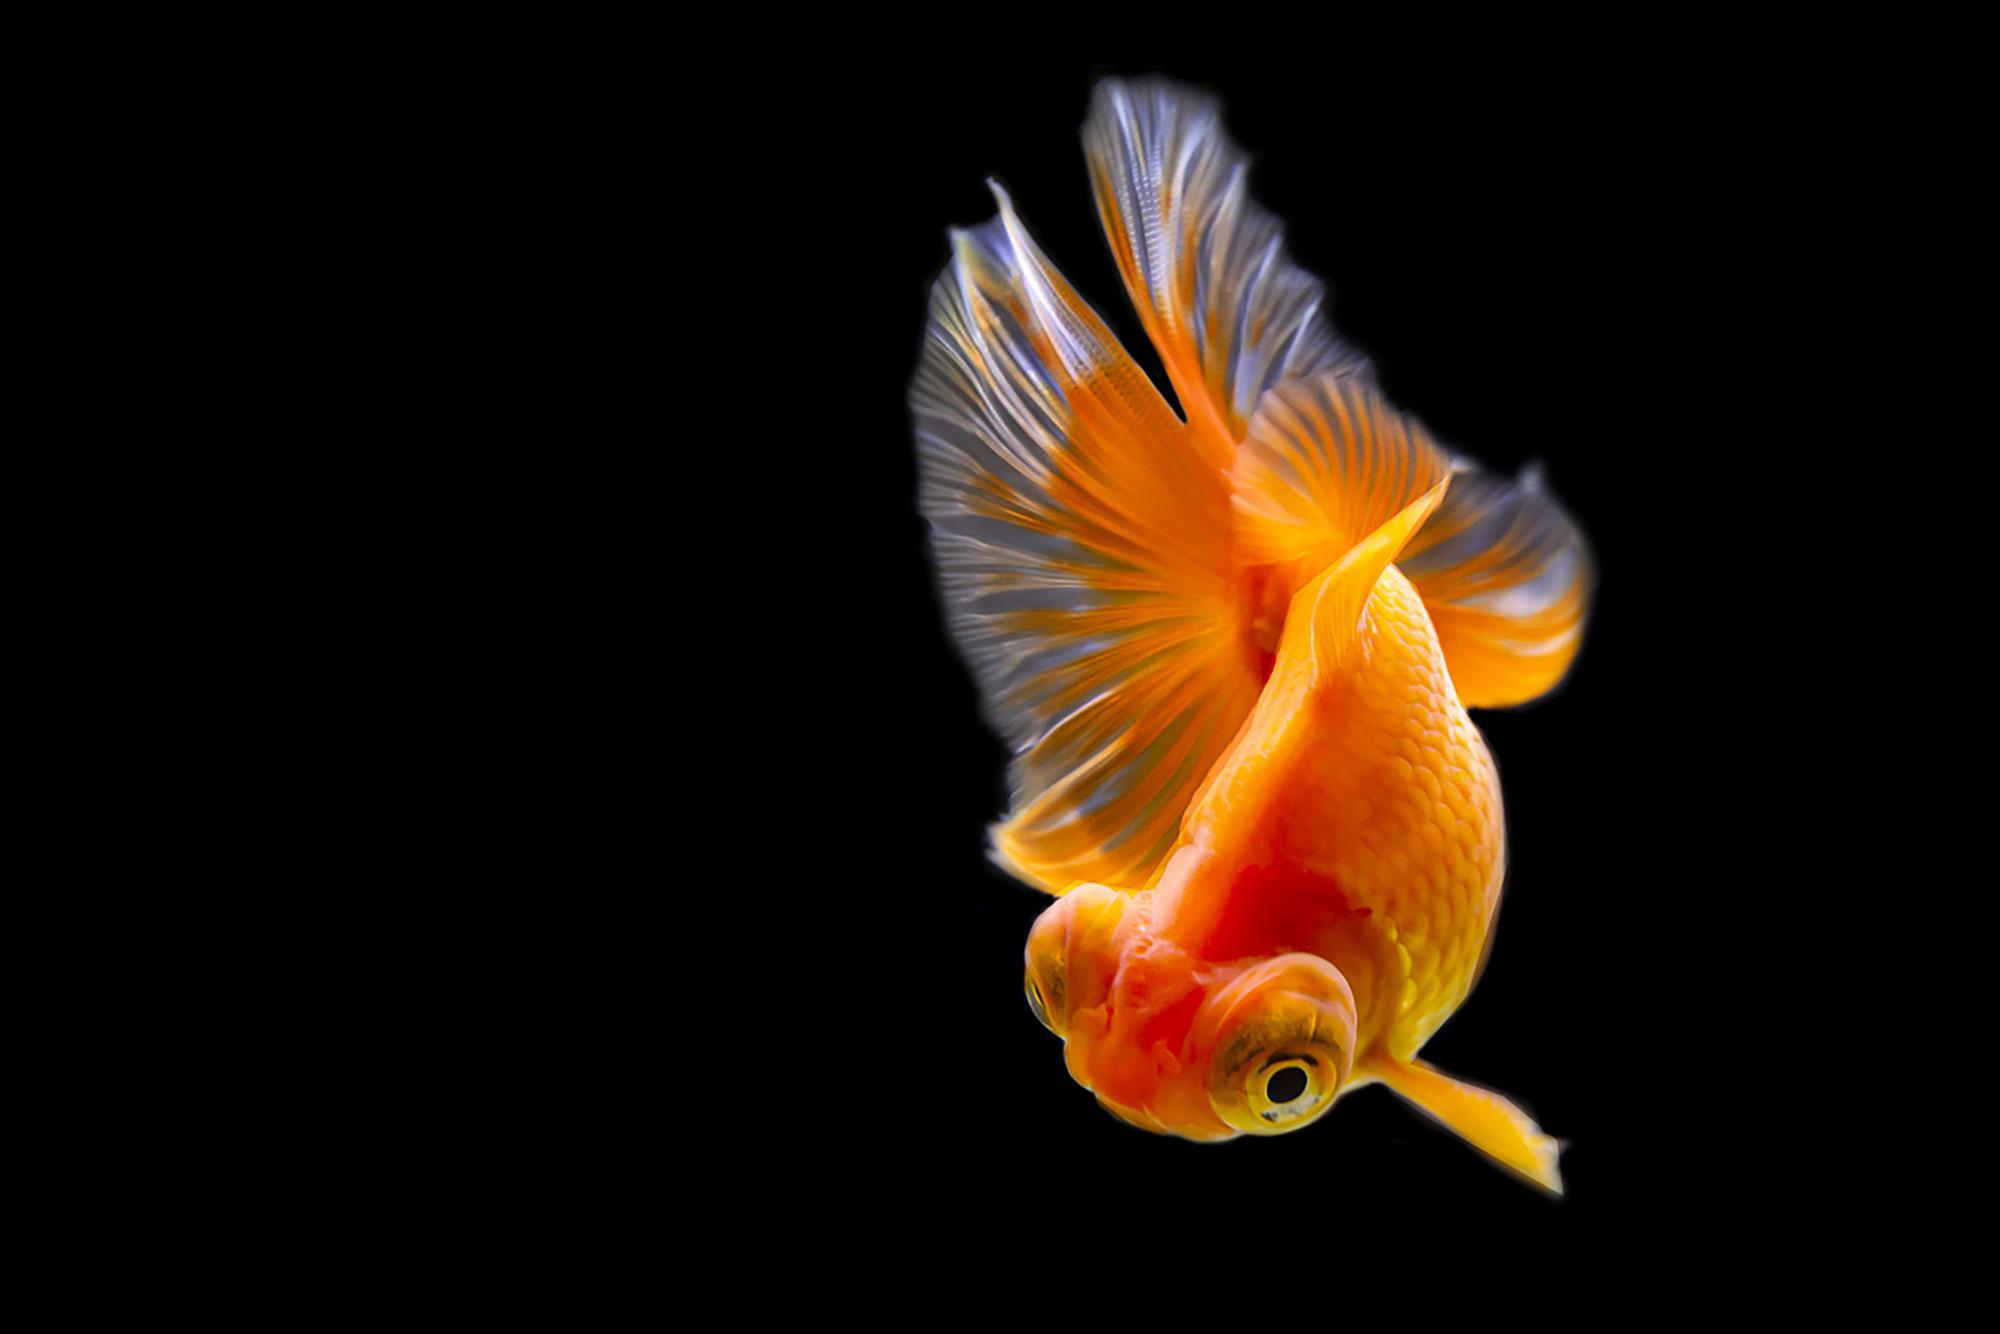 踊る金魚展2020